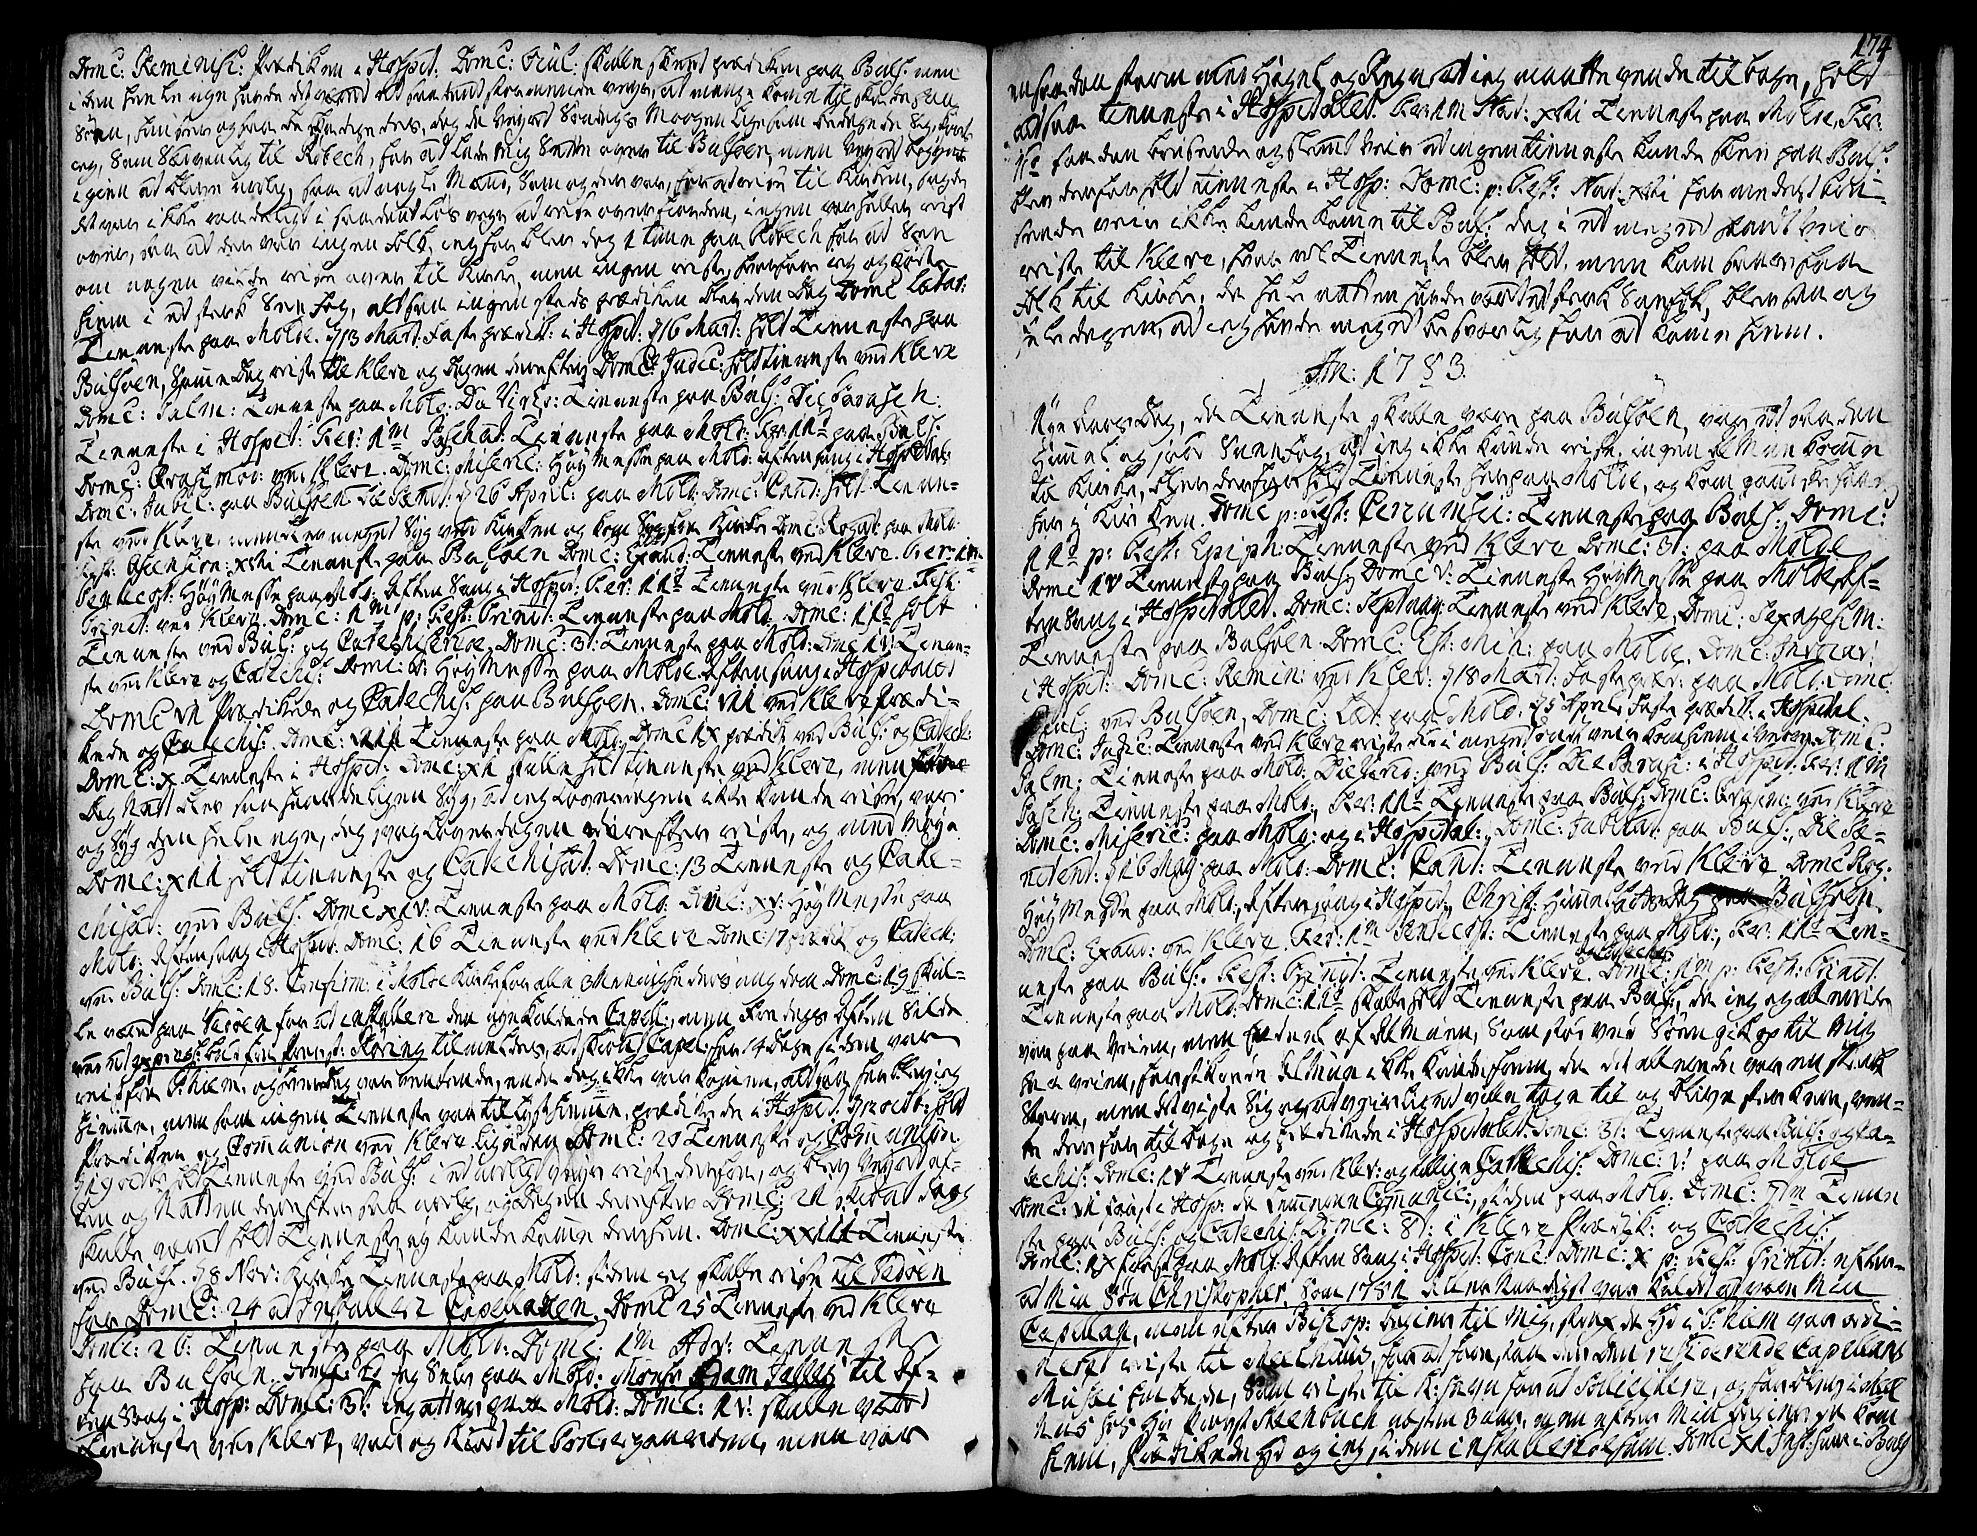 SAT, Ministerialprotokoller, klokkerbøker og fødselsregistre - Møre og Romsdal, 555/L0648: Ministerialbok nr. 555A01, 1759-1793, s. 174